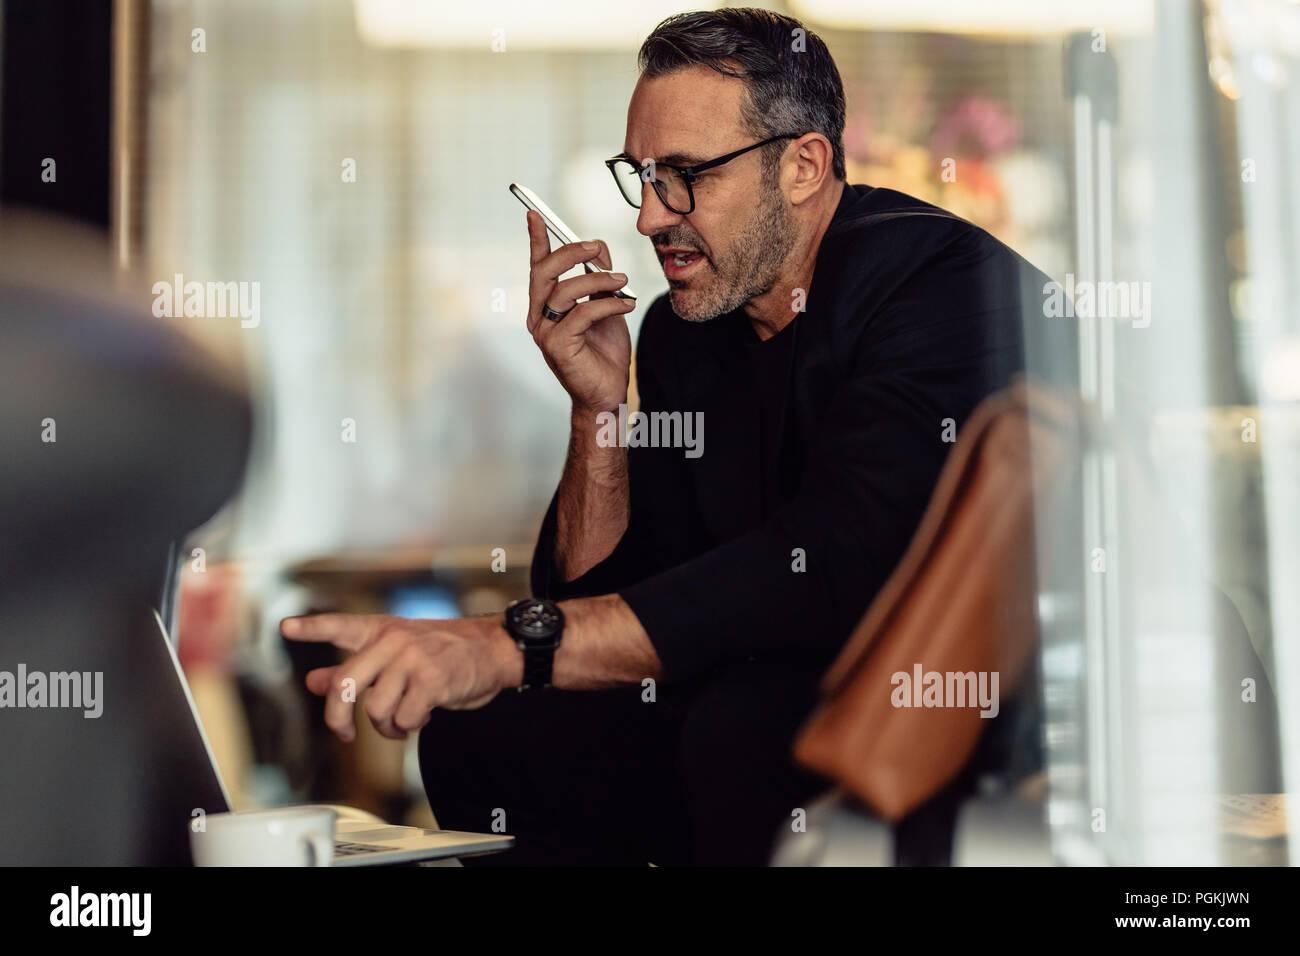 Mature businessman talking on phone while looking at laptop. Chef de groupe alors qu'il était assis dans le hall de l'hôtel. Photo Stock